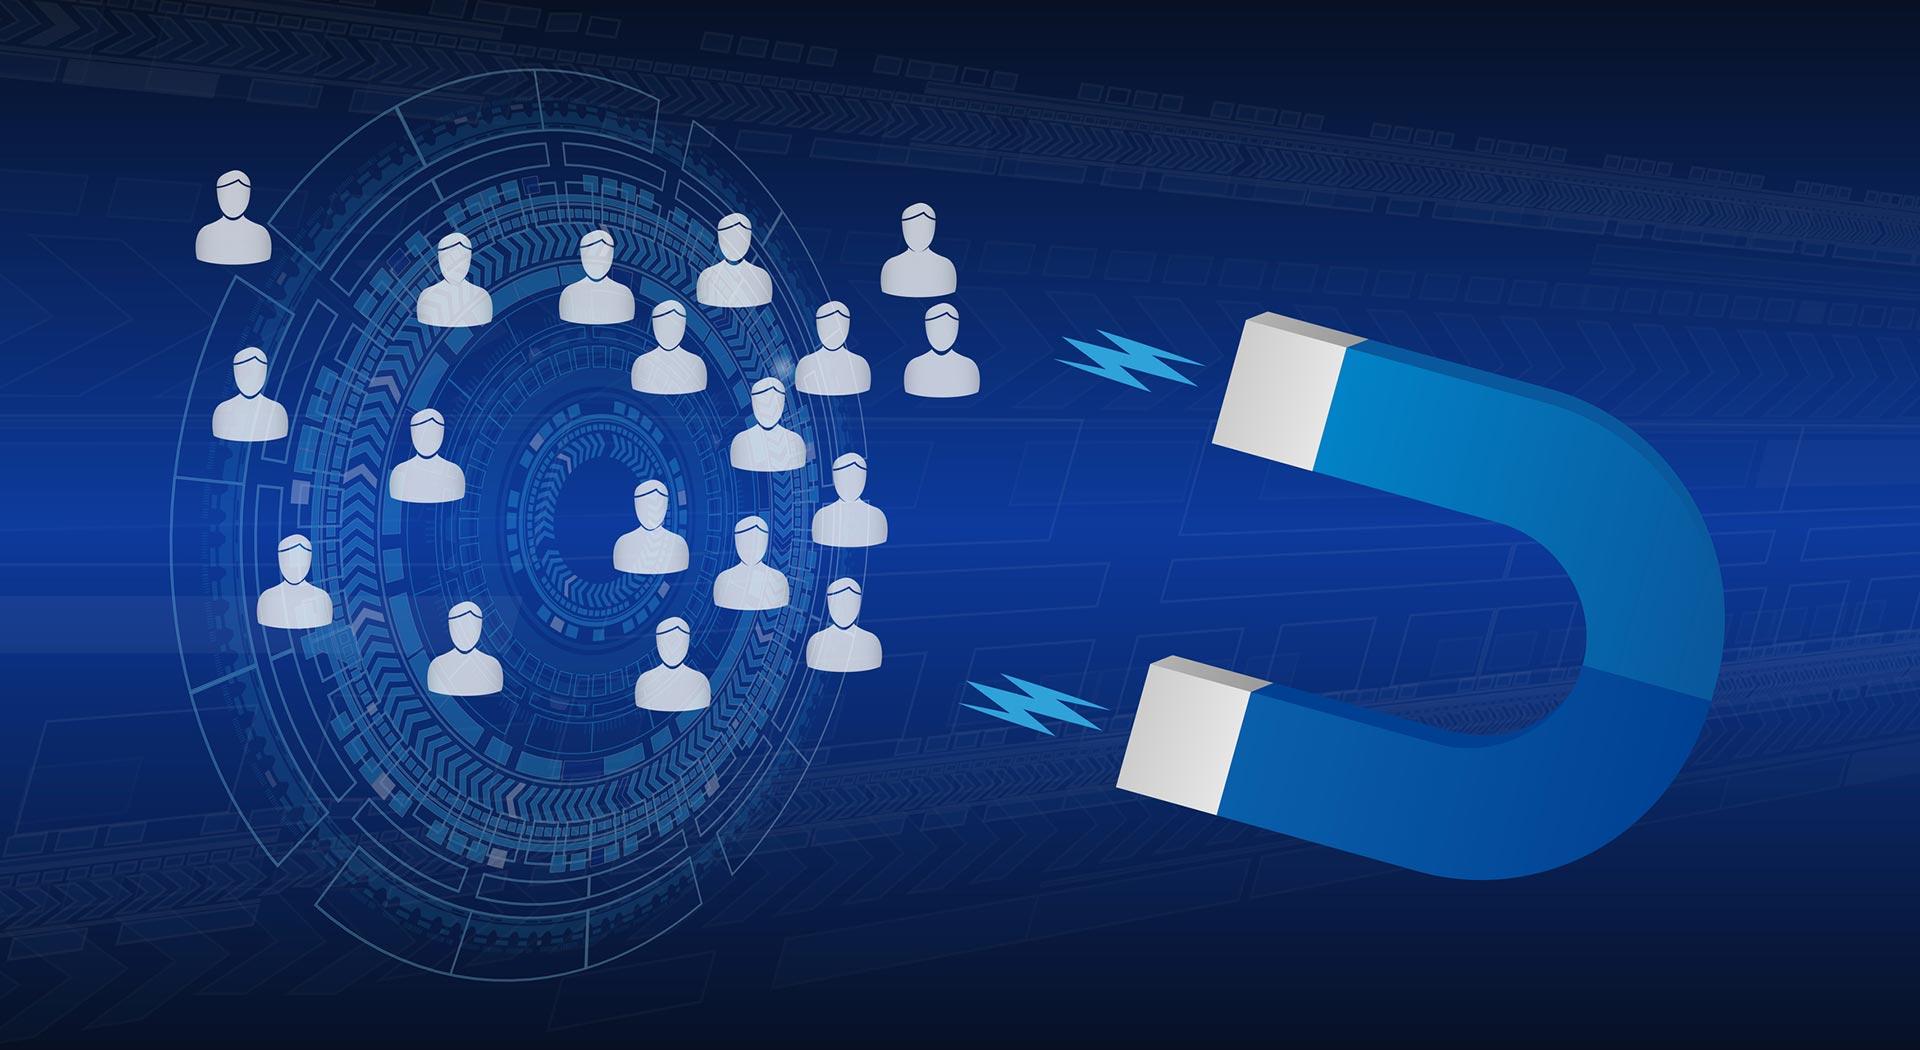 Бесплатный вебинар: Маркетинг-система: магнит для выручки